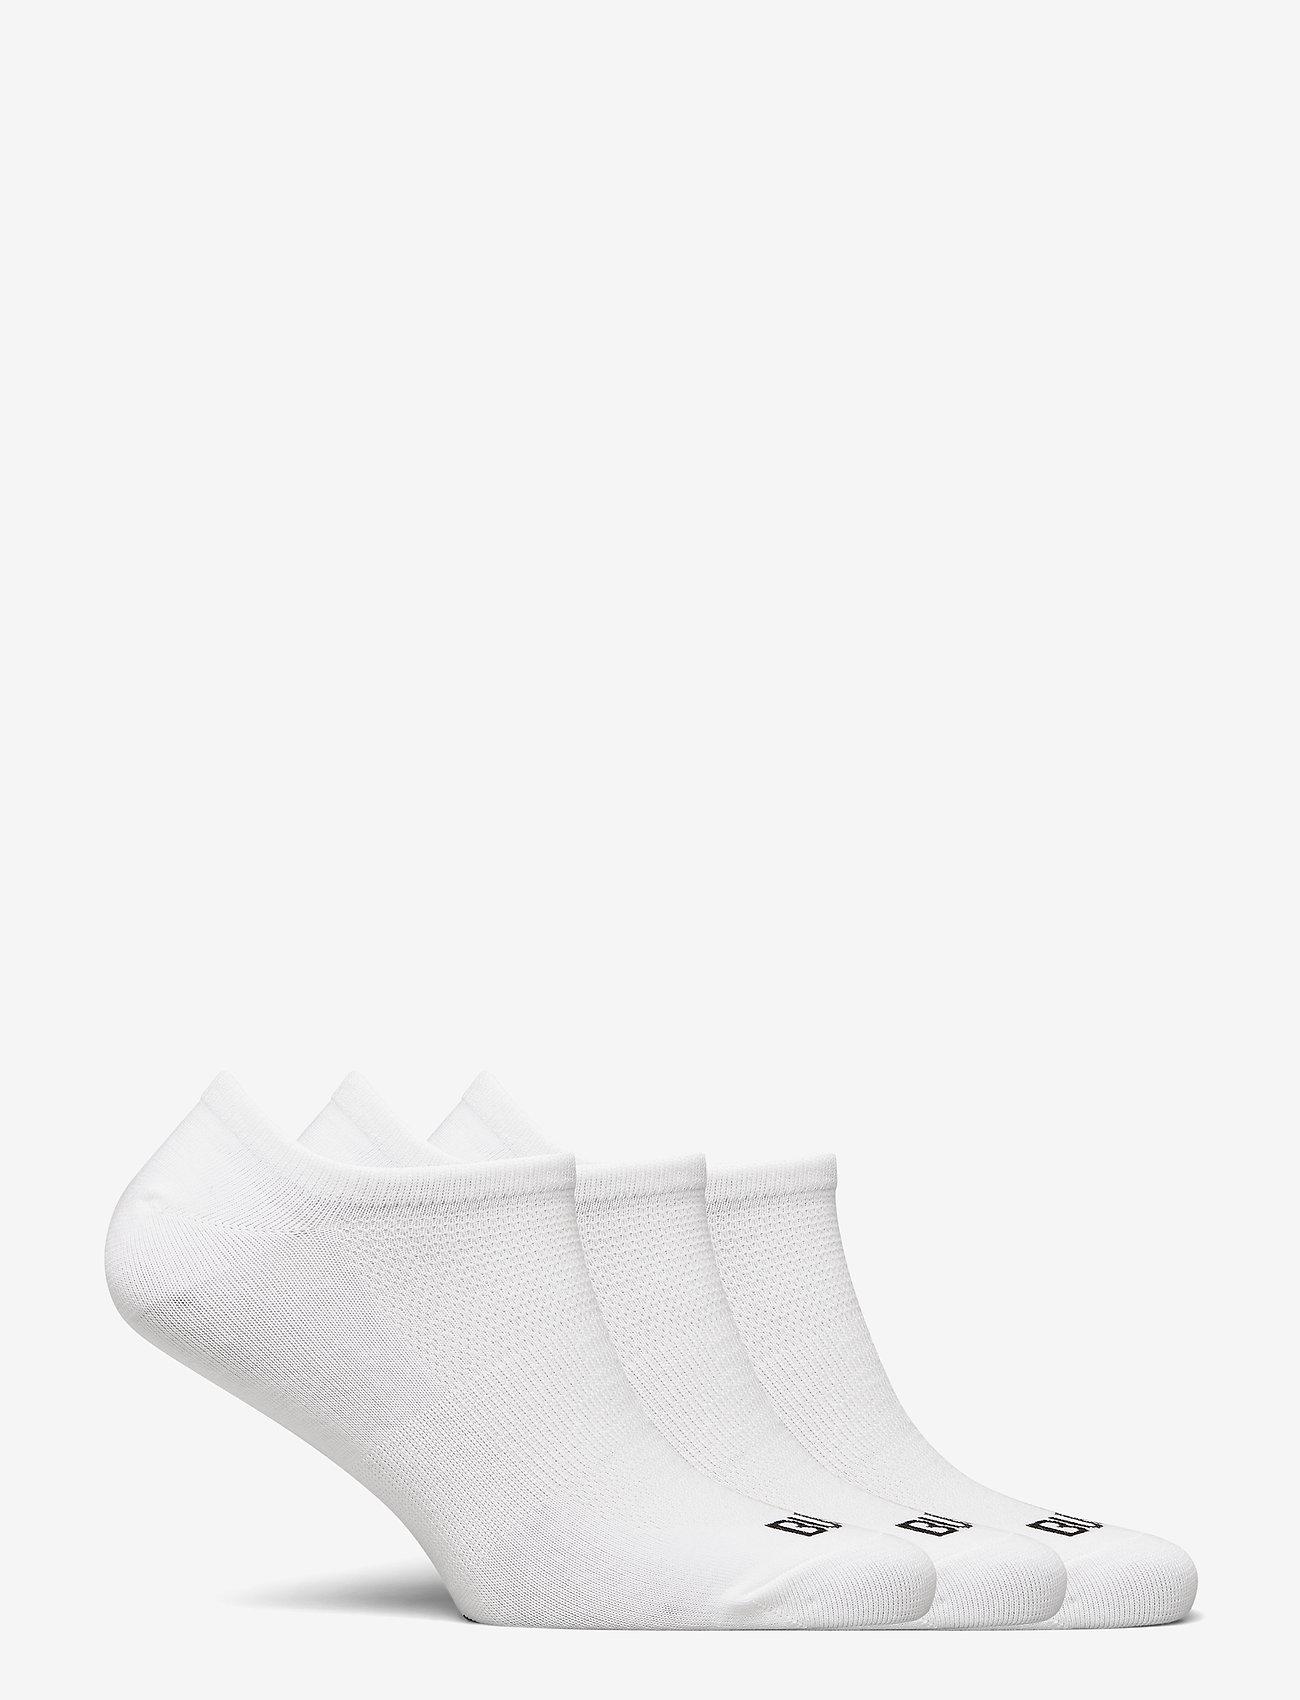 Bula 3PK NO SHOW SOCK - Sokker WHITE - Menn Klær